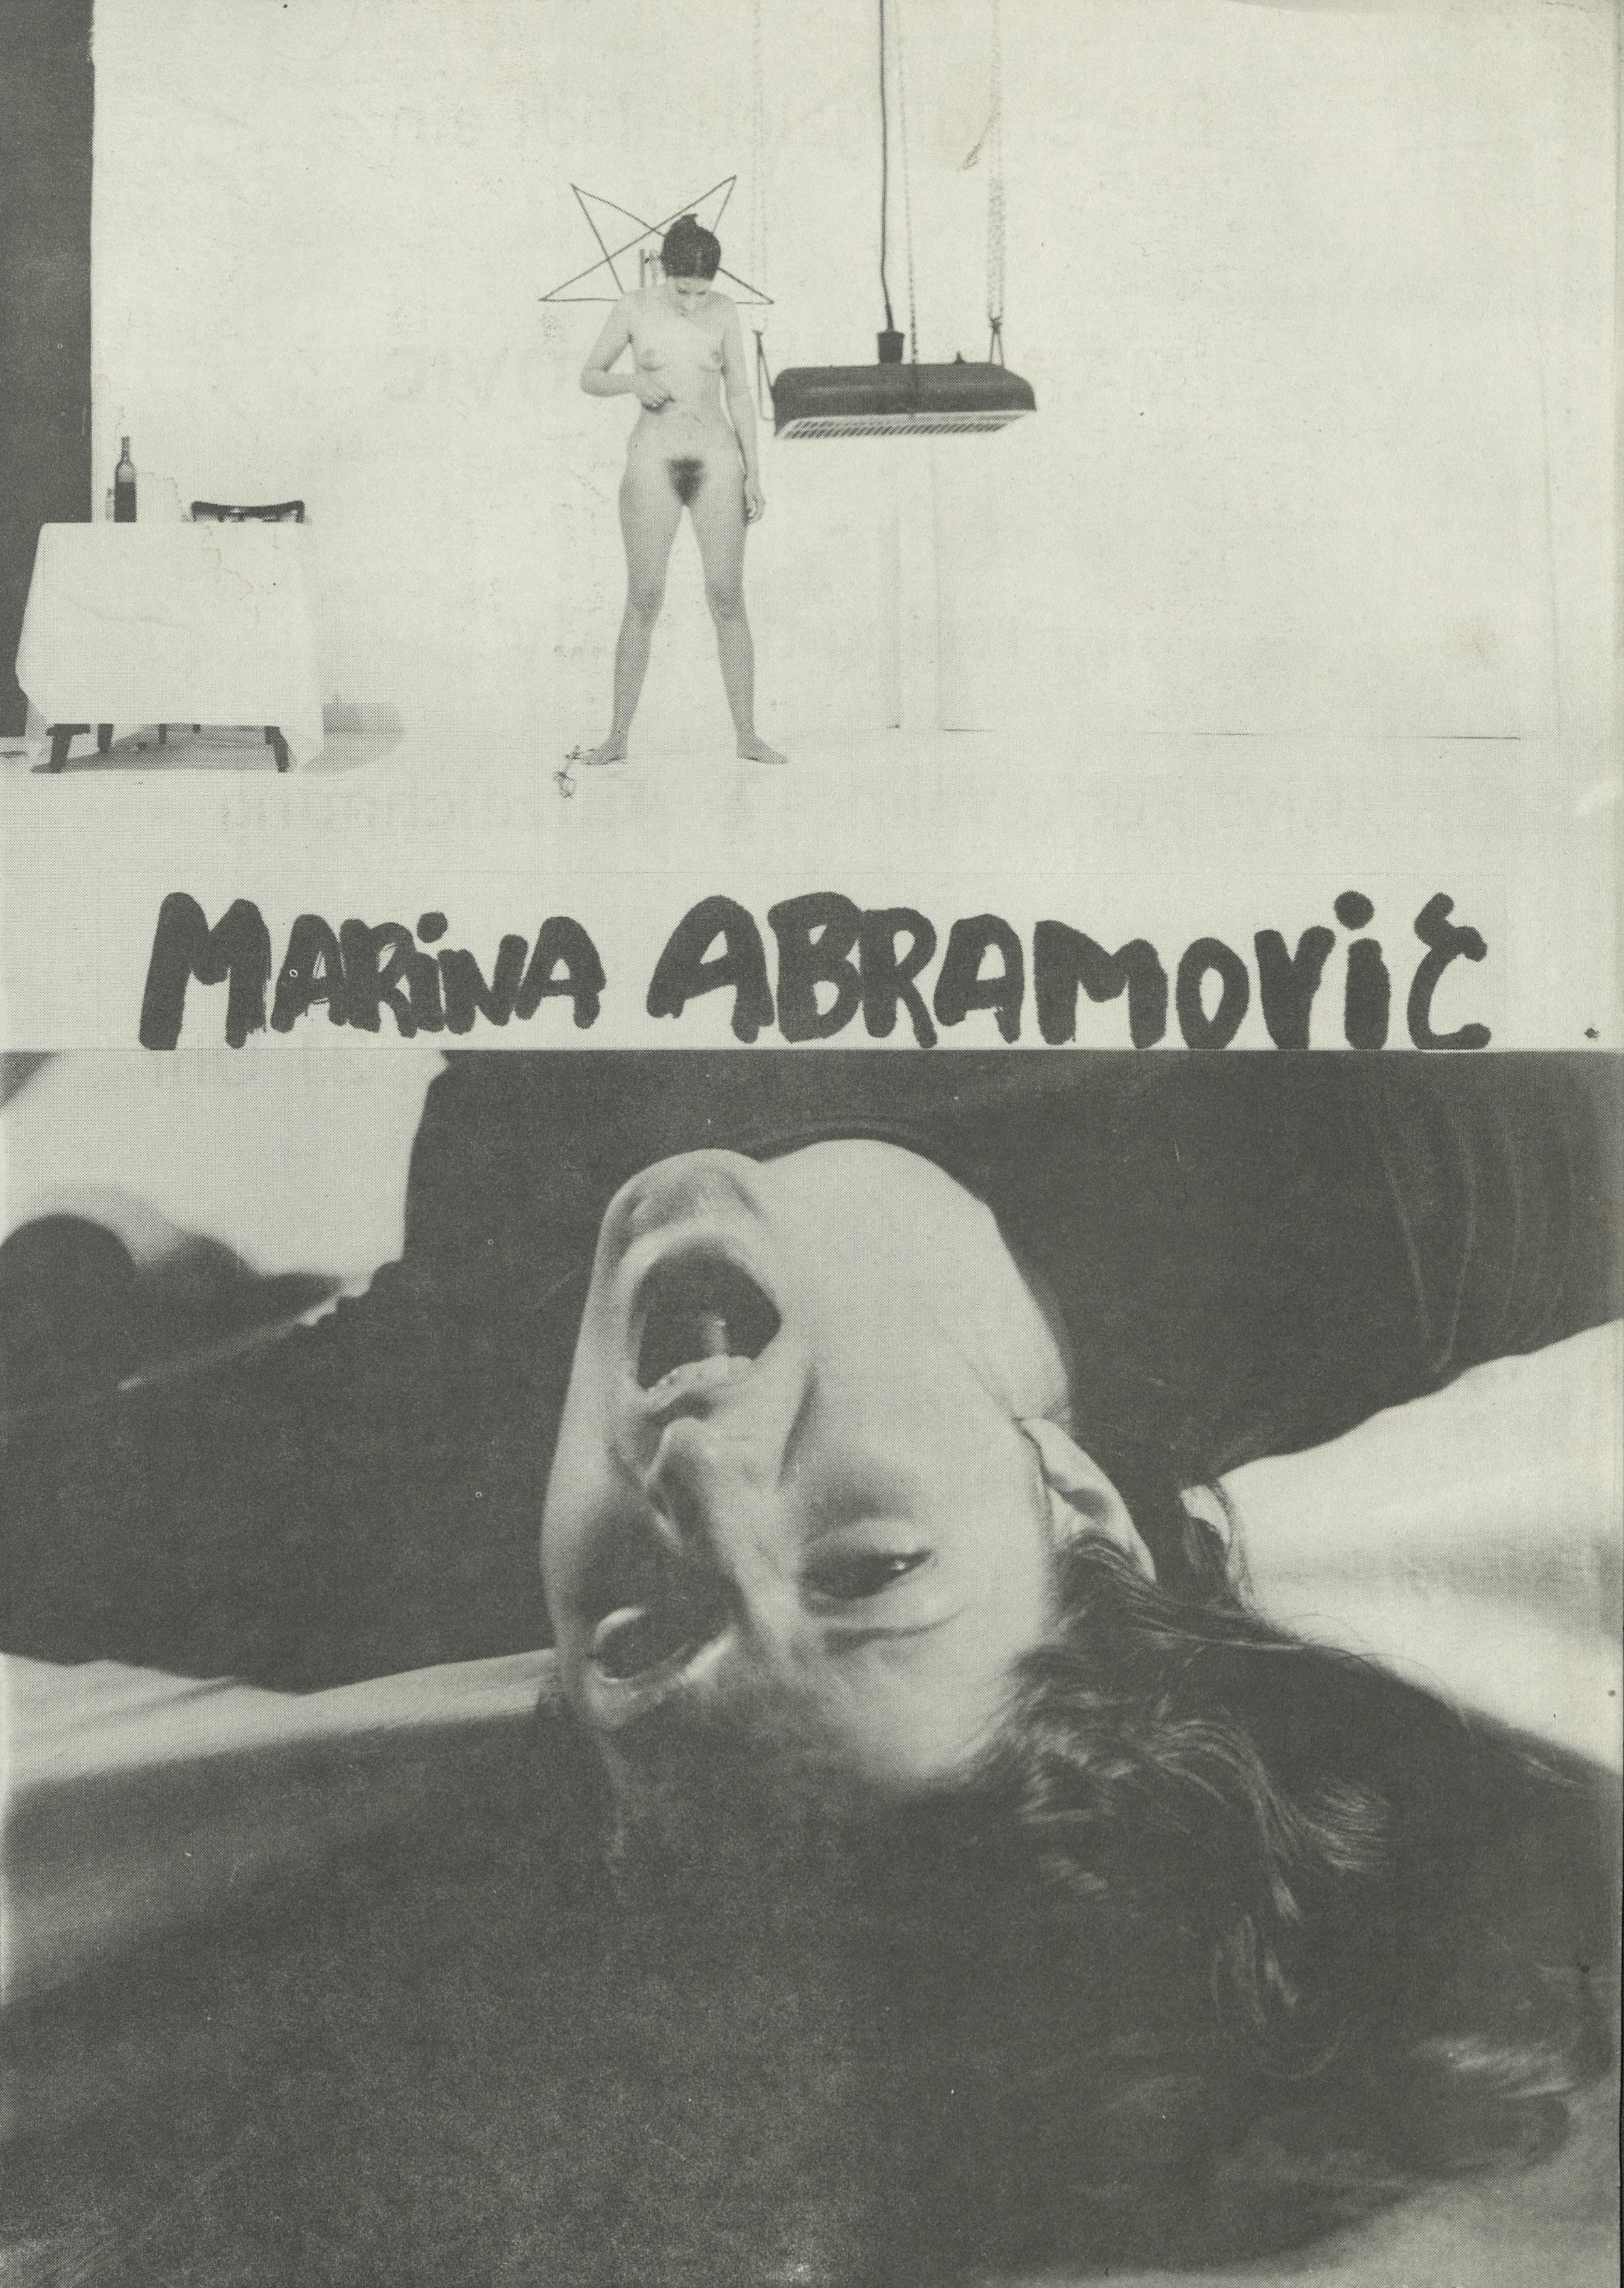 FREEING THE BODY, Marina Abramović , Künstlerhaus Bethanien Berlin, 1976 (Invitation); Archiv der Avantgarden, Staatliche Kunstsammlungen Dresden © VG Bild-Kunst, Bonn